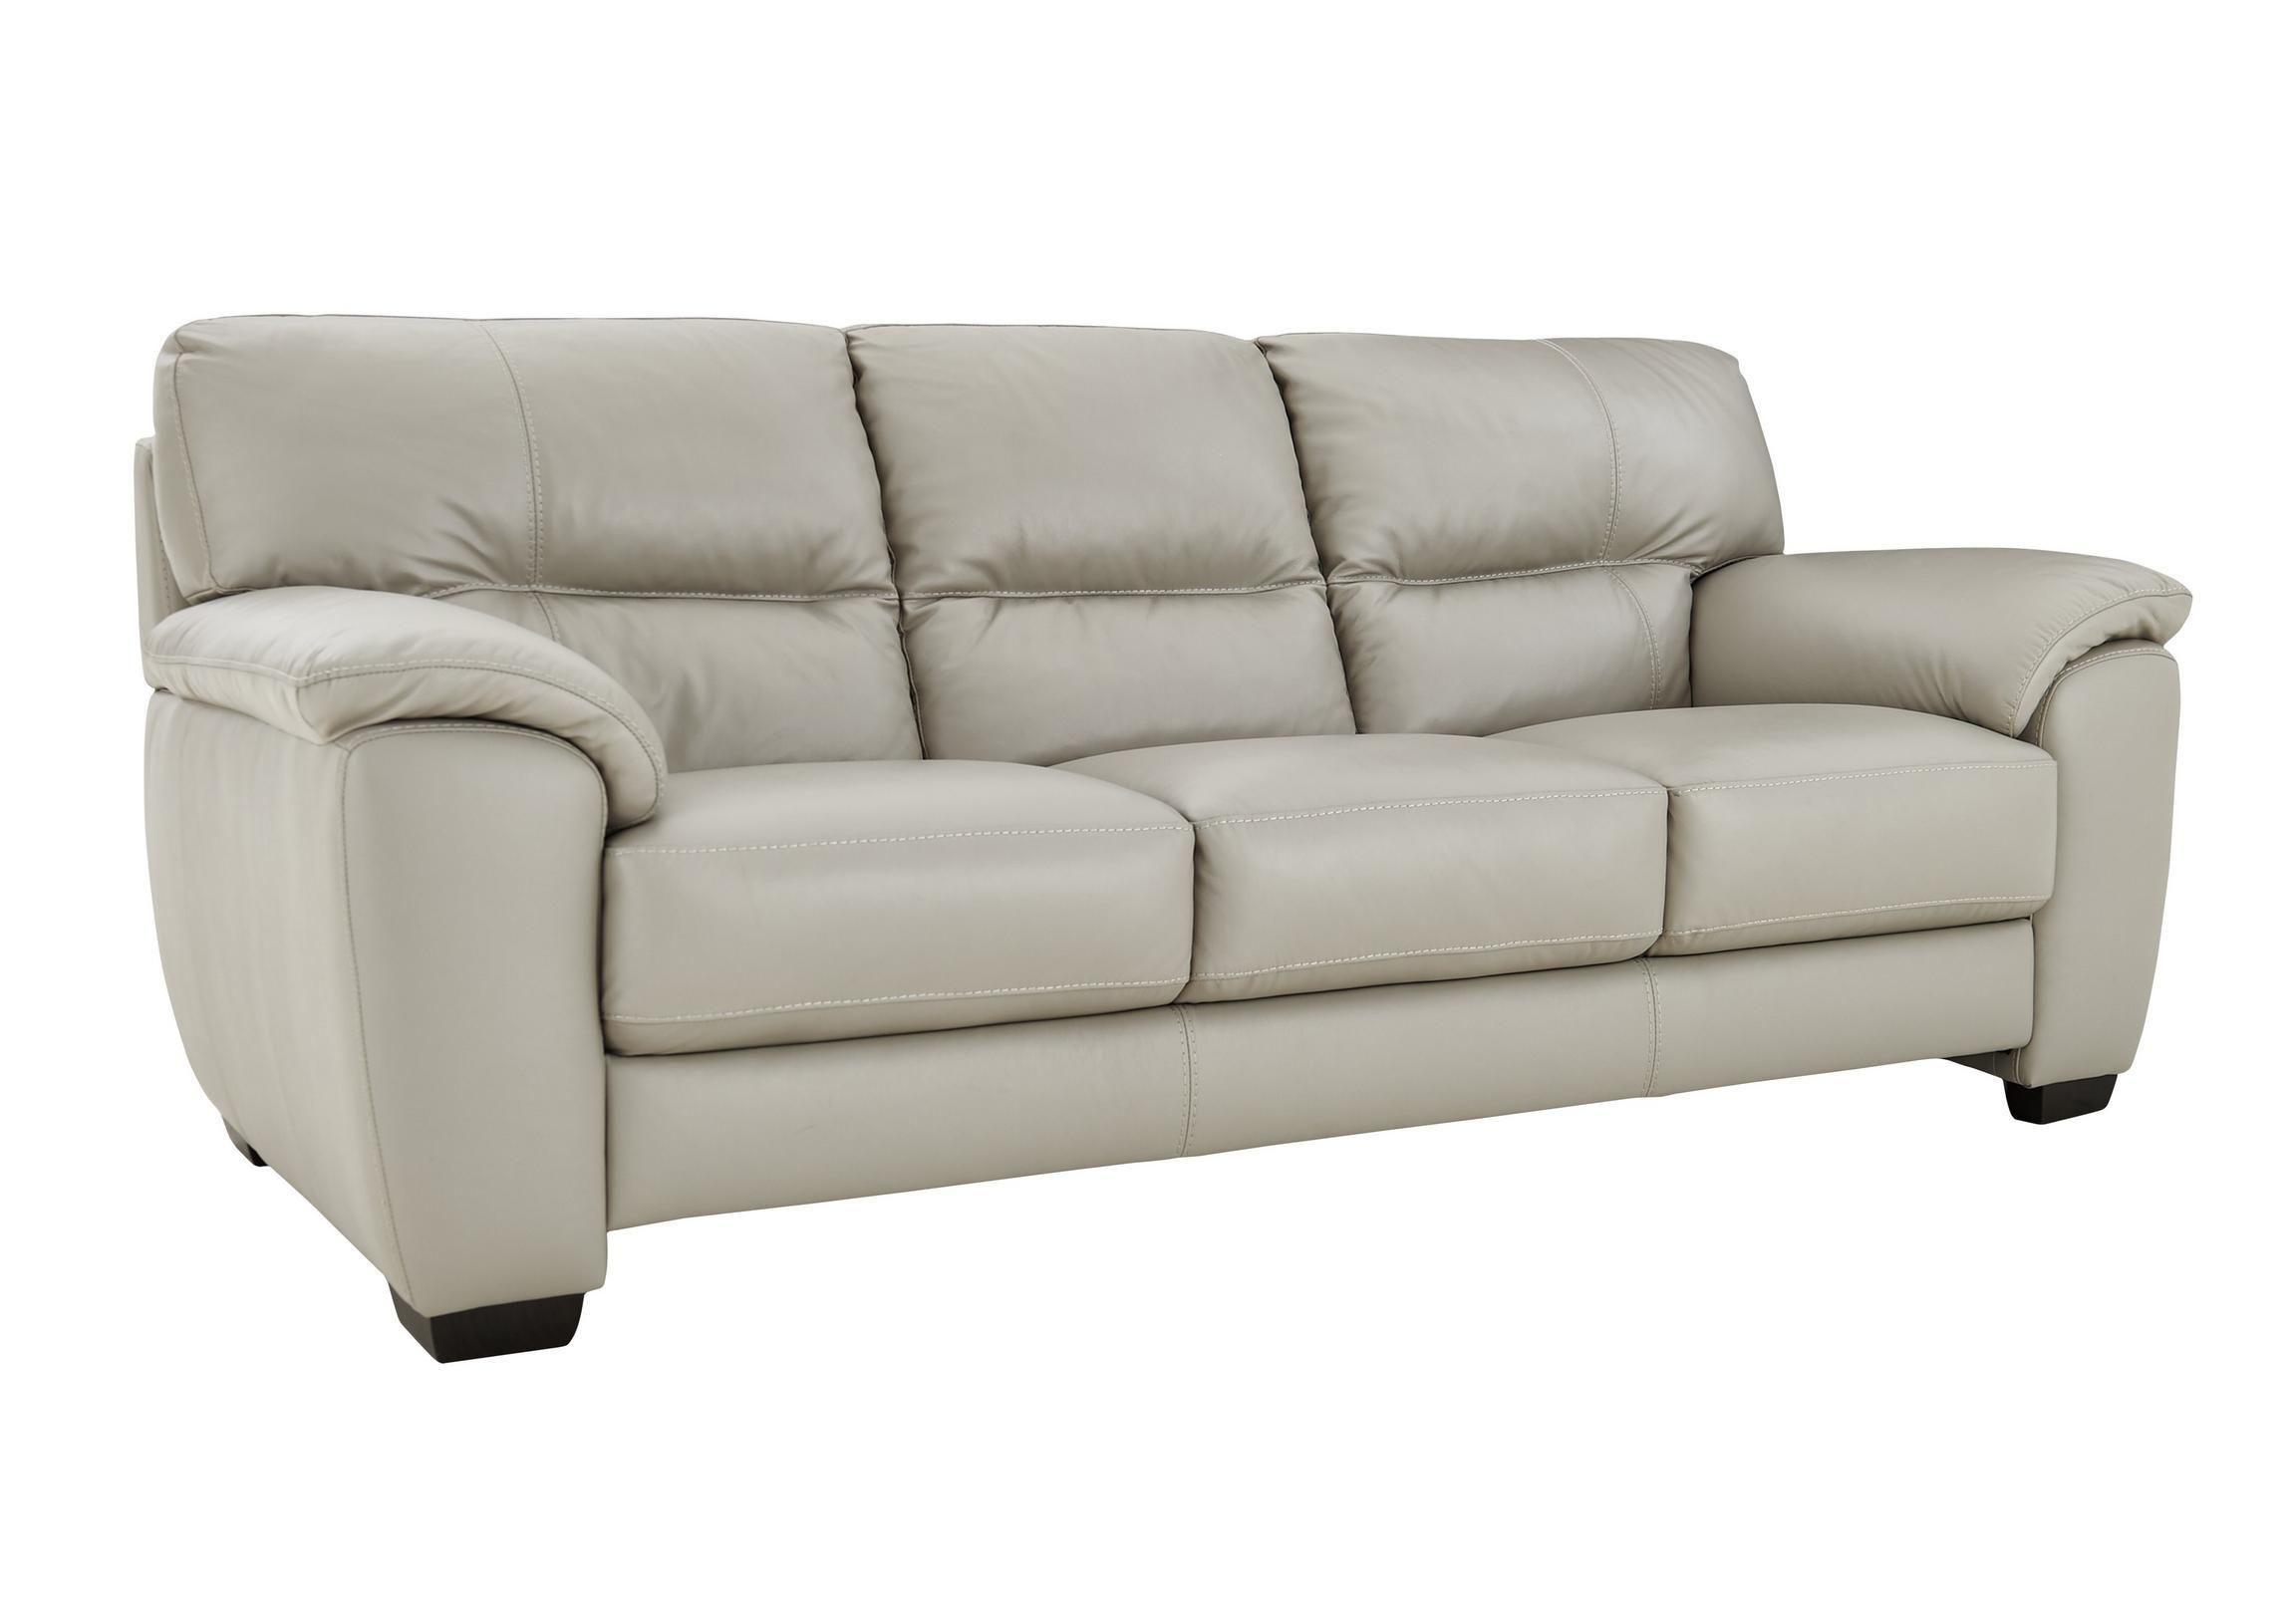 Shades 3 Seater 3 Cushion Leather Sofa Sofas Leather Sofa 3